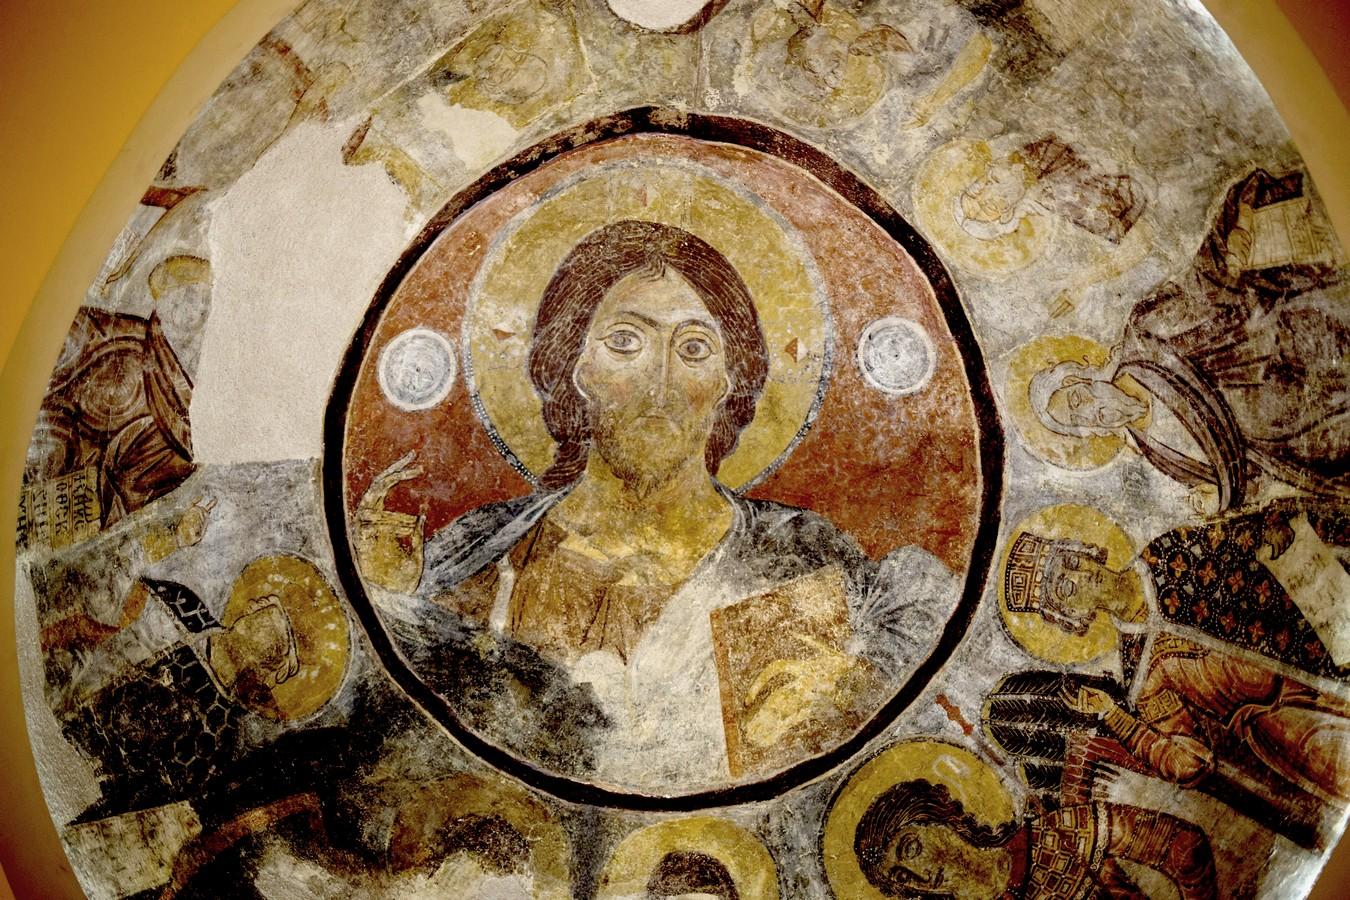 Христос Пантократор. Византийская фреска. Византийский музей в Афинах.